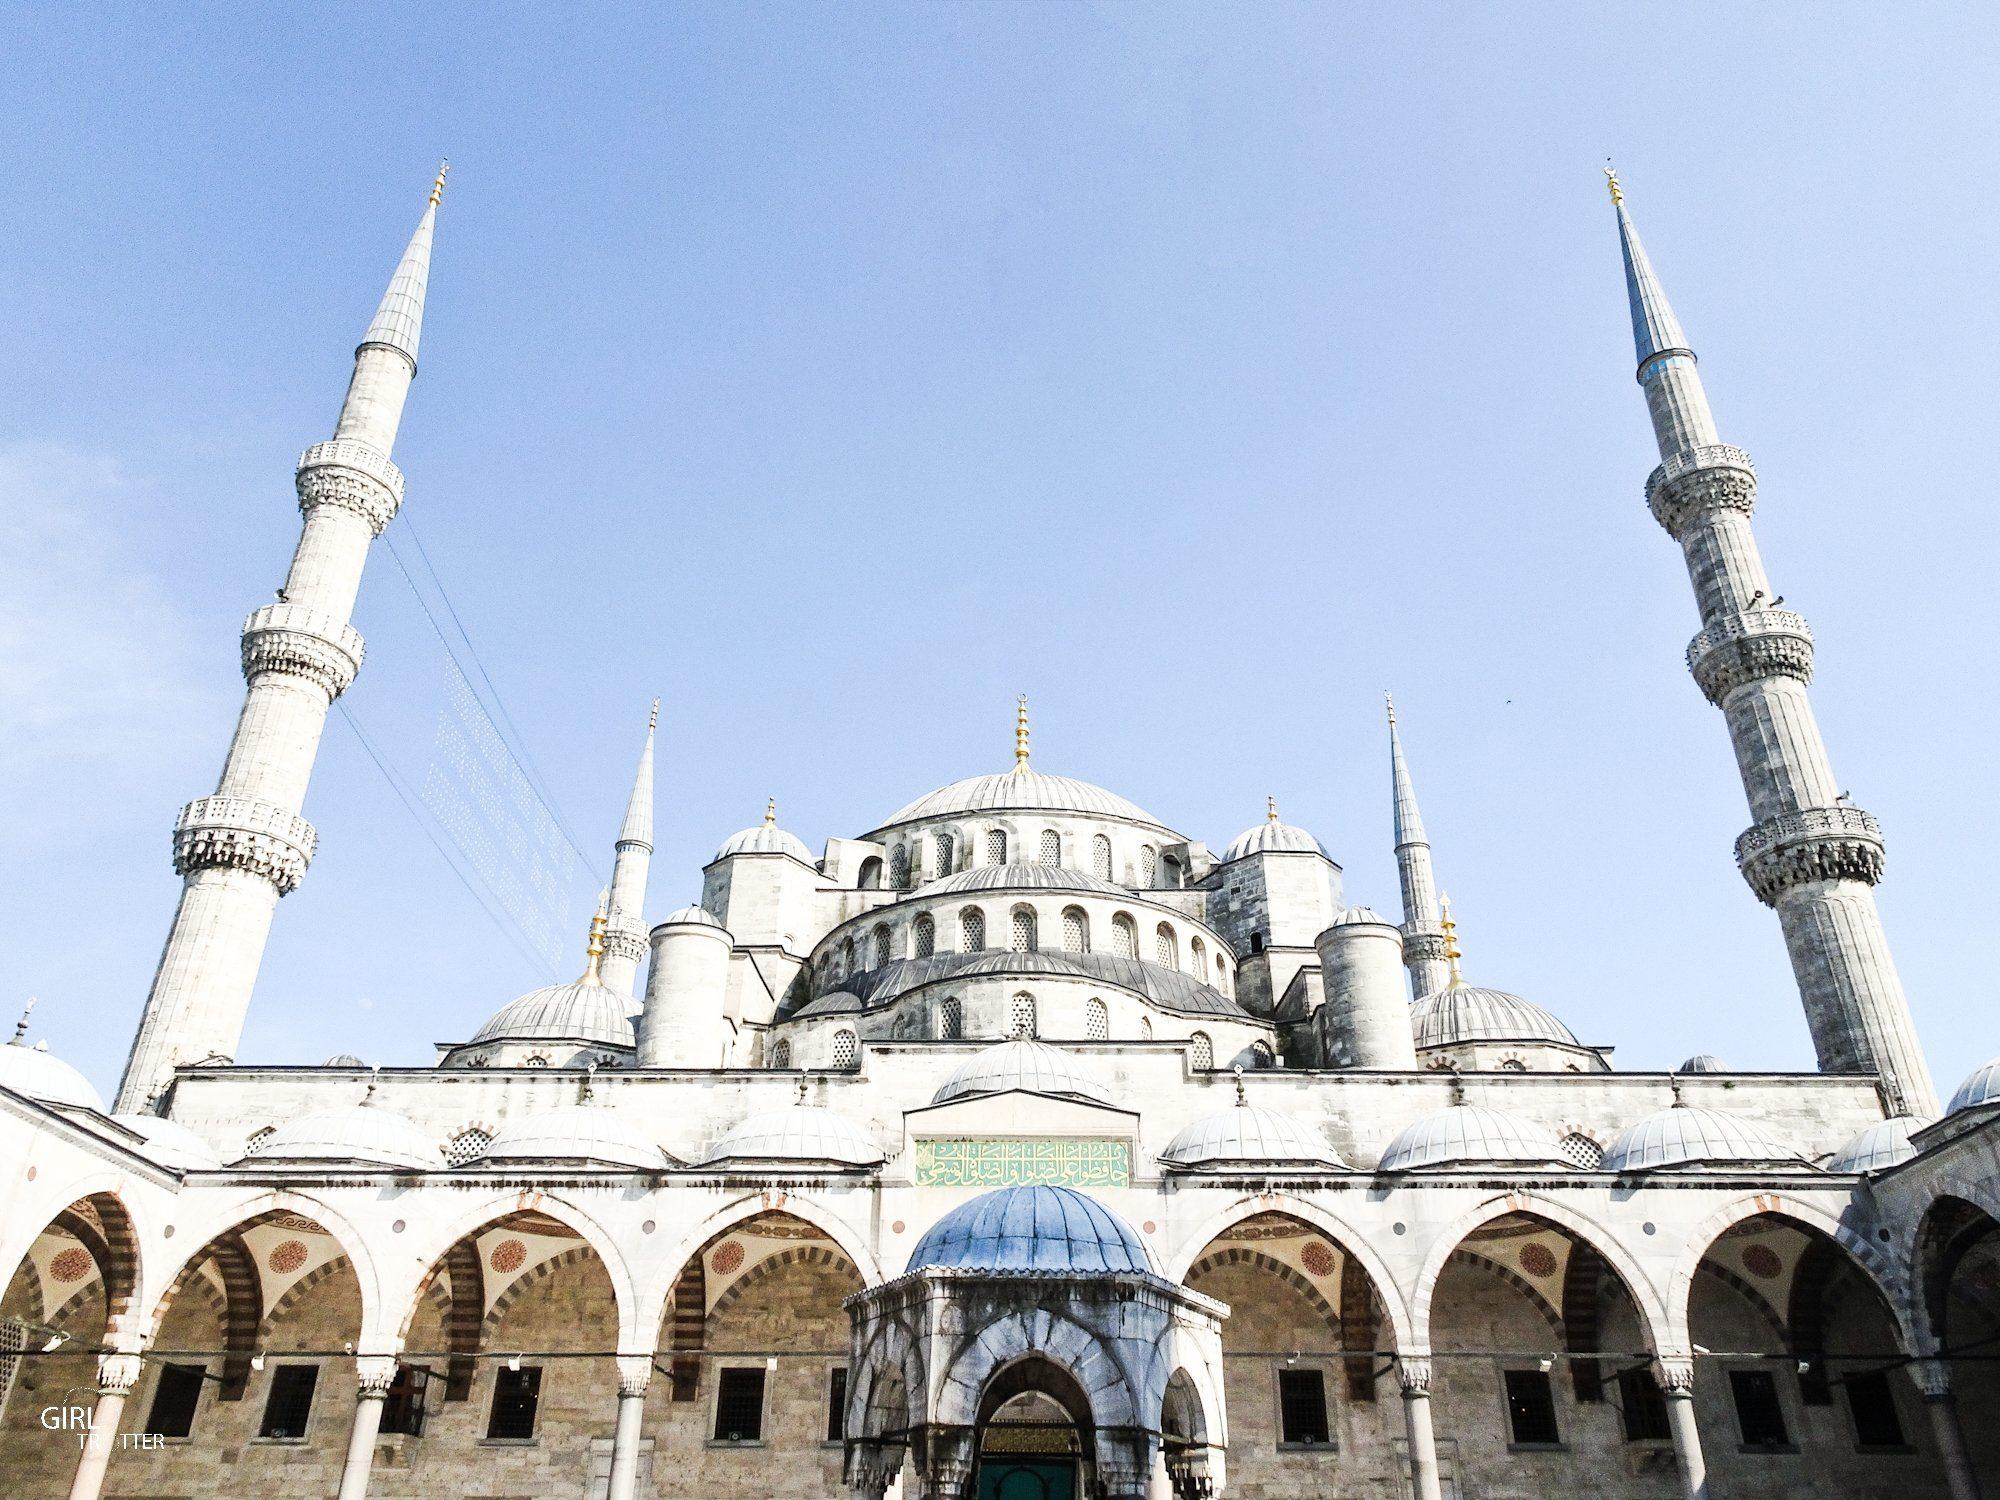 Vue de la cour Intérieure de la Mosquée Bleue ou mosquée du Sultan Ahmet à Istanbul